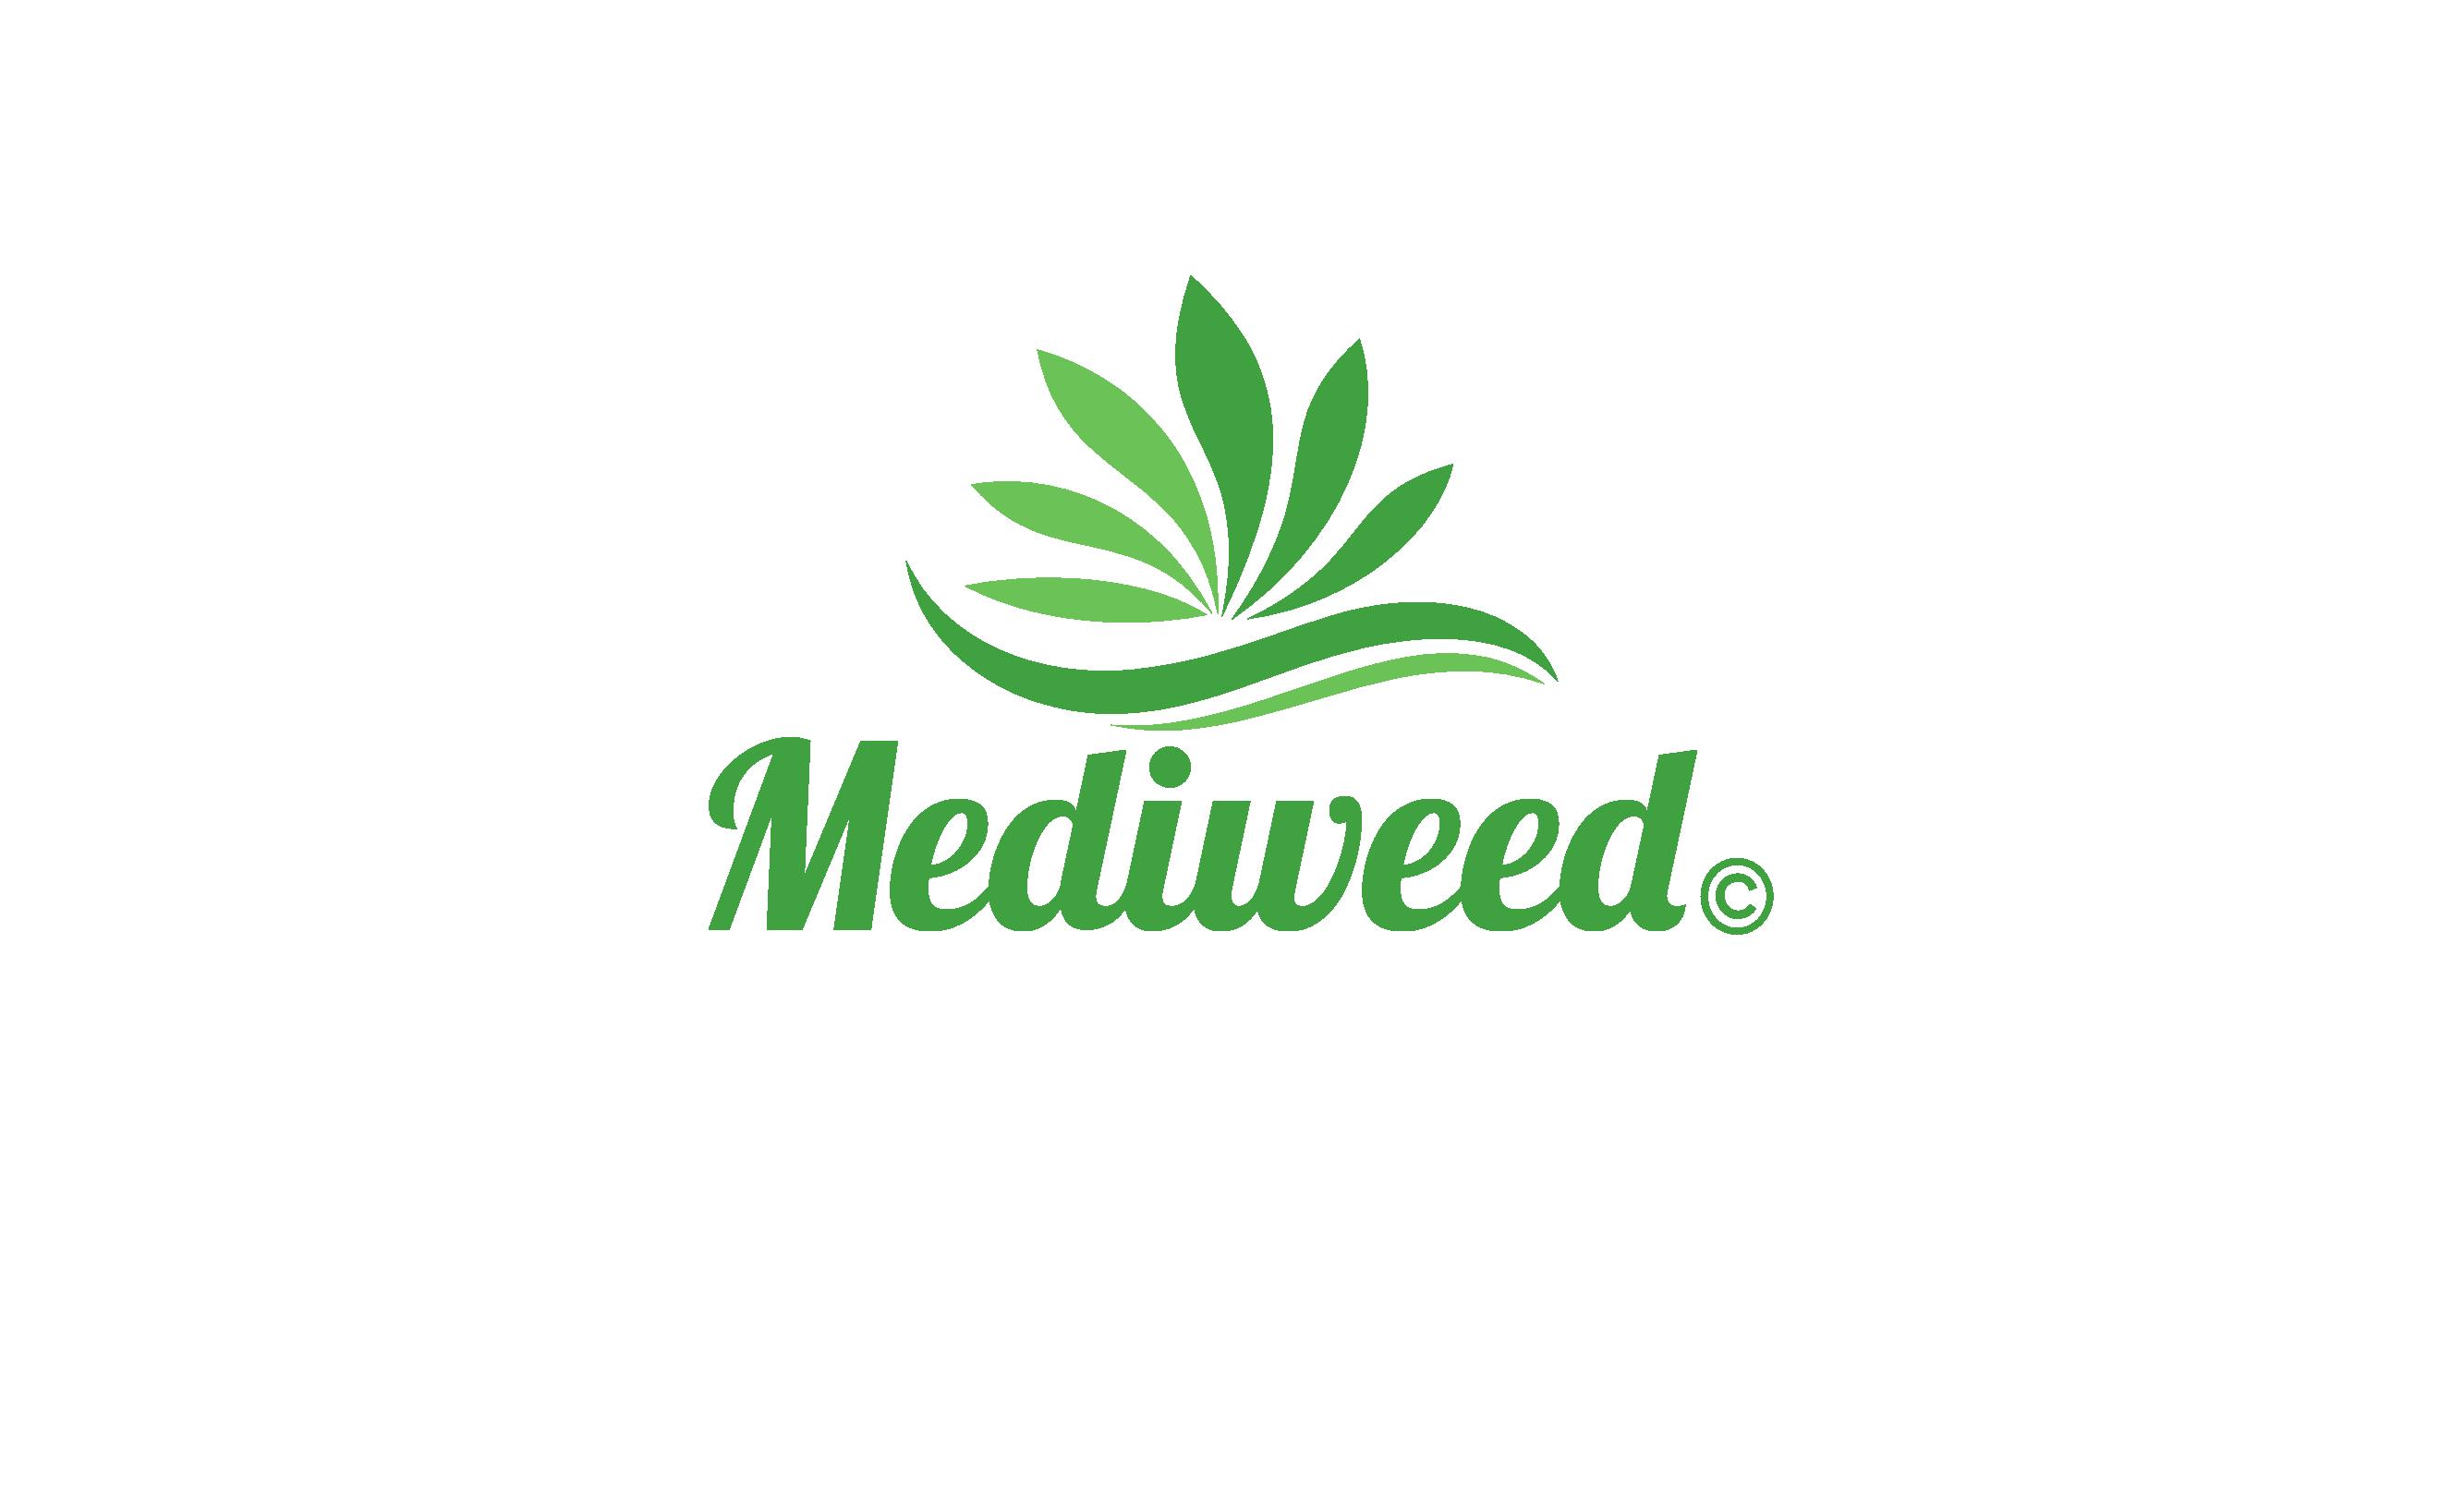 Mediweed